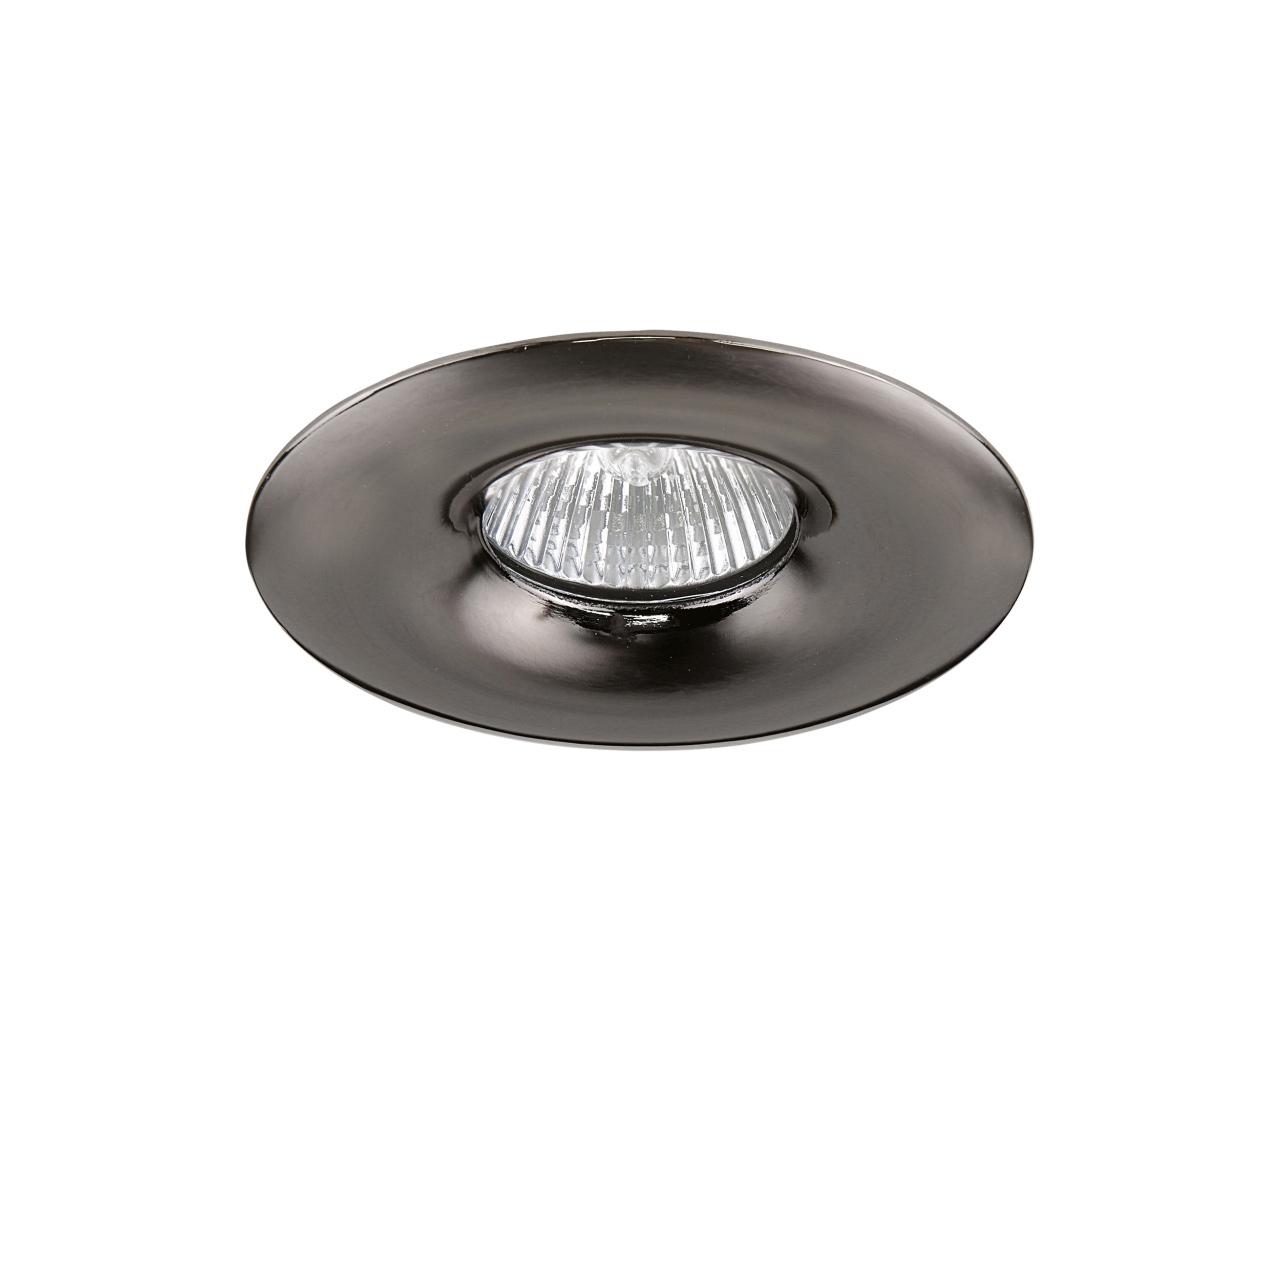 Светильник Levigo MR16 / HP16 черный хром Lightstar 010018